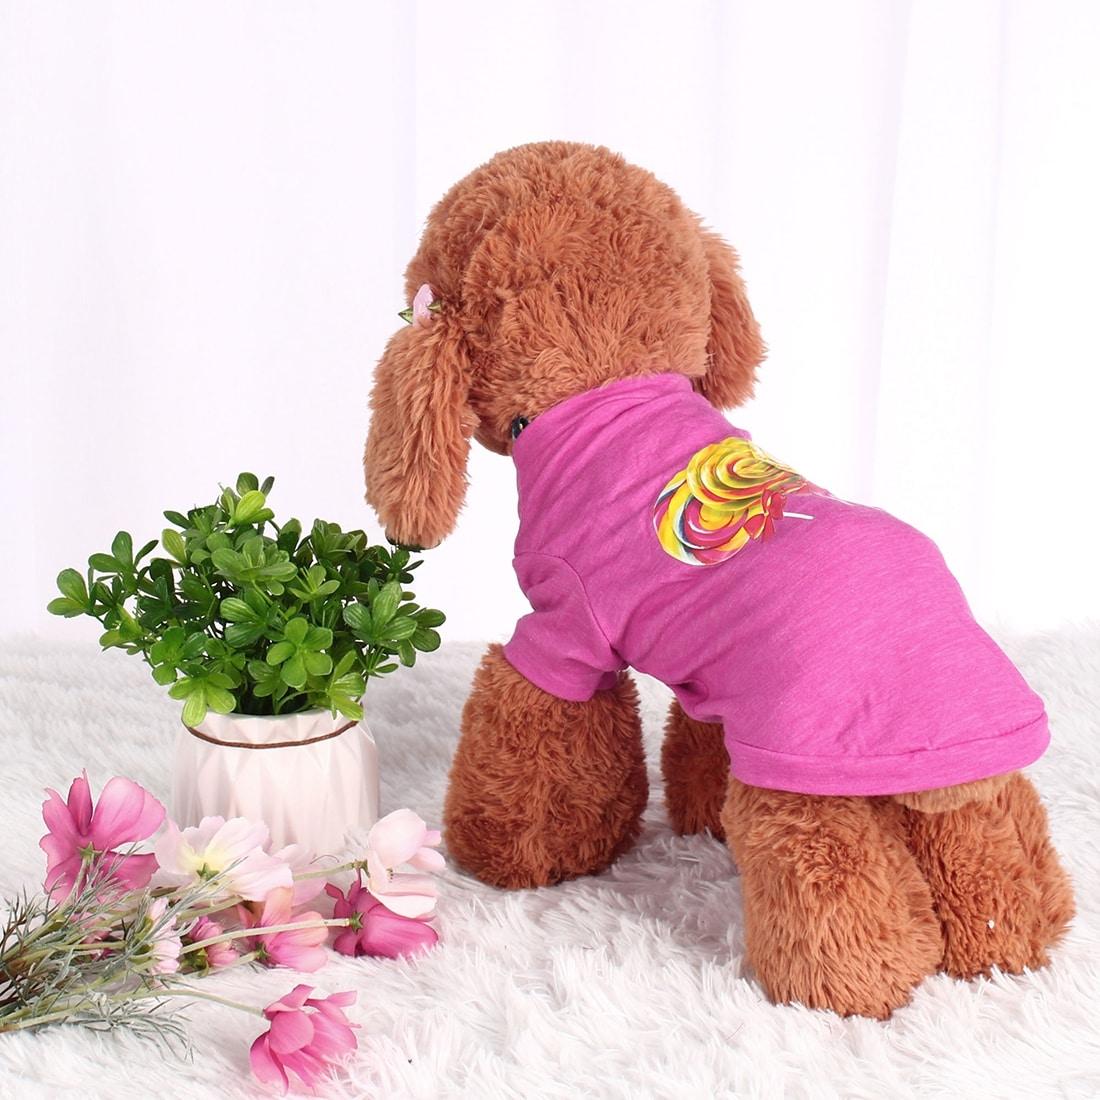 Dog T Shirt Puppy Small Pet Cat Sweatshirt Tops Clothes Apparel Vest Costume (XS)